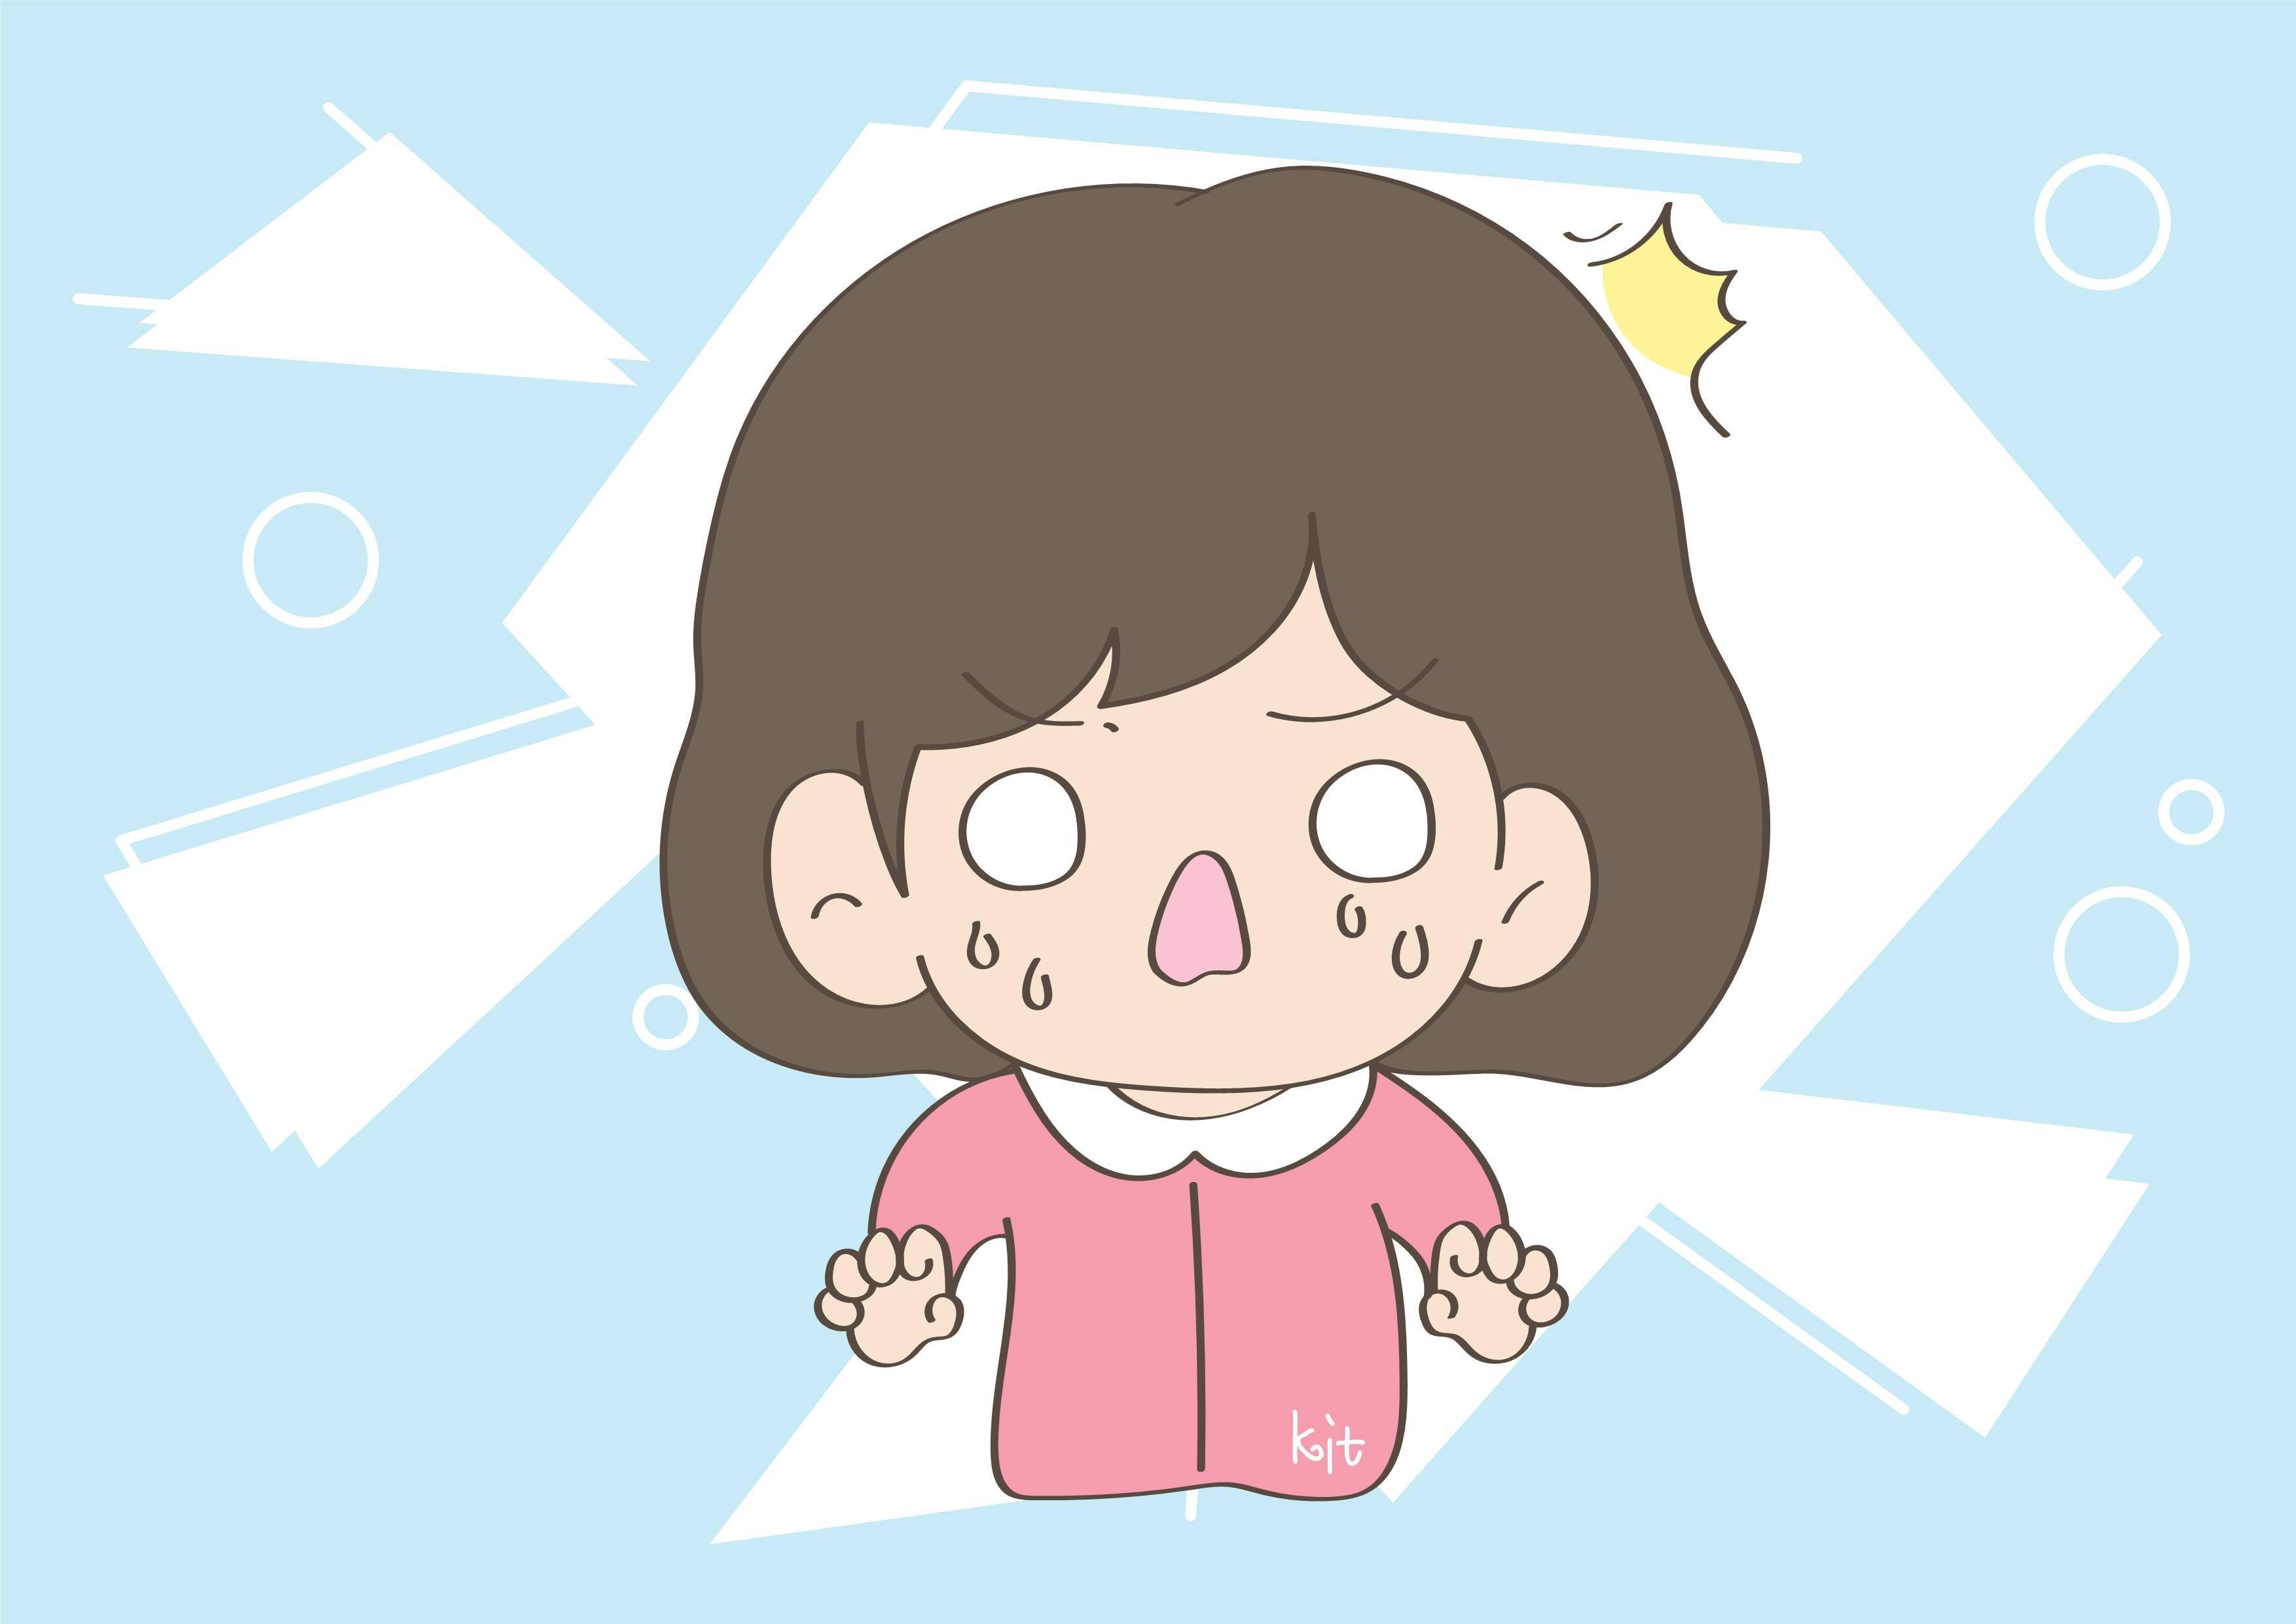 中学女生主动让我抱抱,不介意我拦着腰、摸头发和脸蛋,意味着啥? 男人什么情况想搂你腰